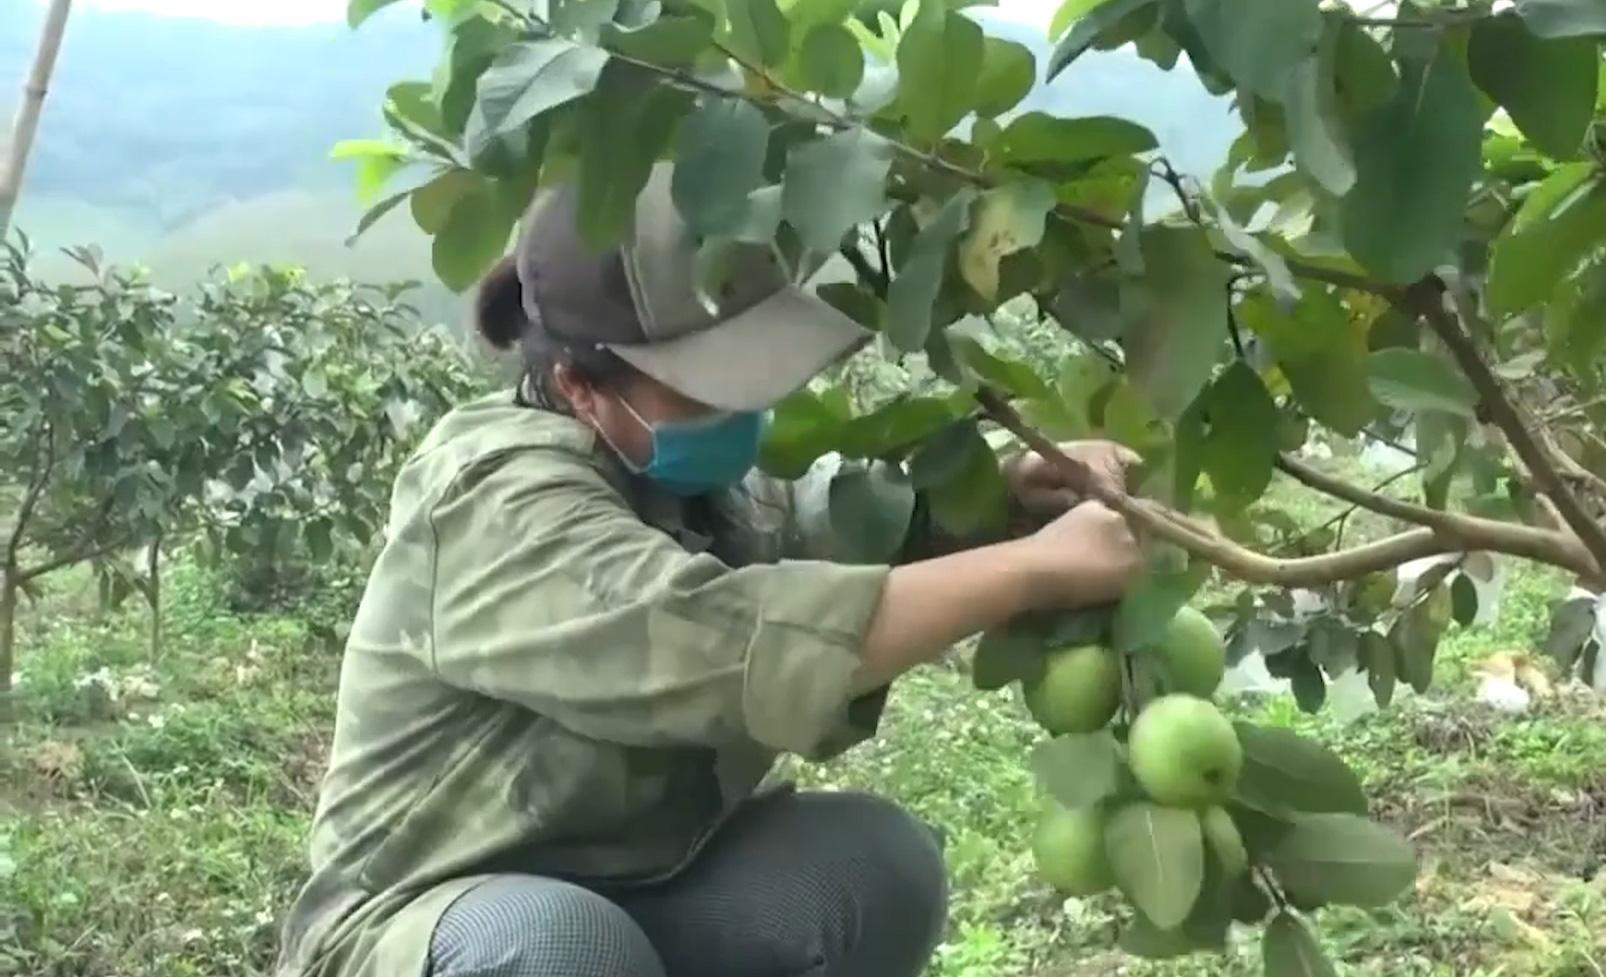 Trồng ổi lê Đài Loan trên đất đồi Thanh Hóa, nông dân đổi đời, thu về cả tỷ đồng - Ảnh 4.